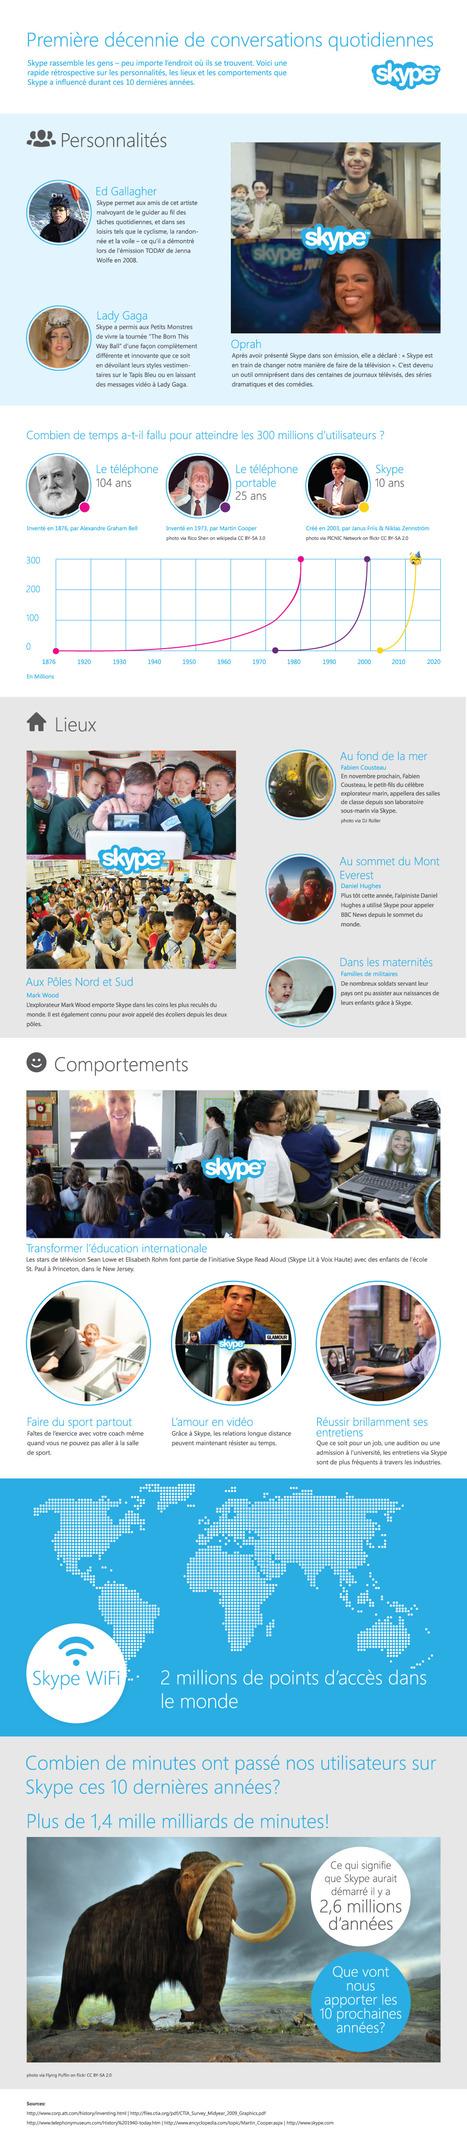 Skype célèbre une décennie de précieuses connections! | Technologies | Scoop.it